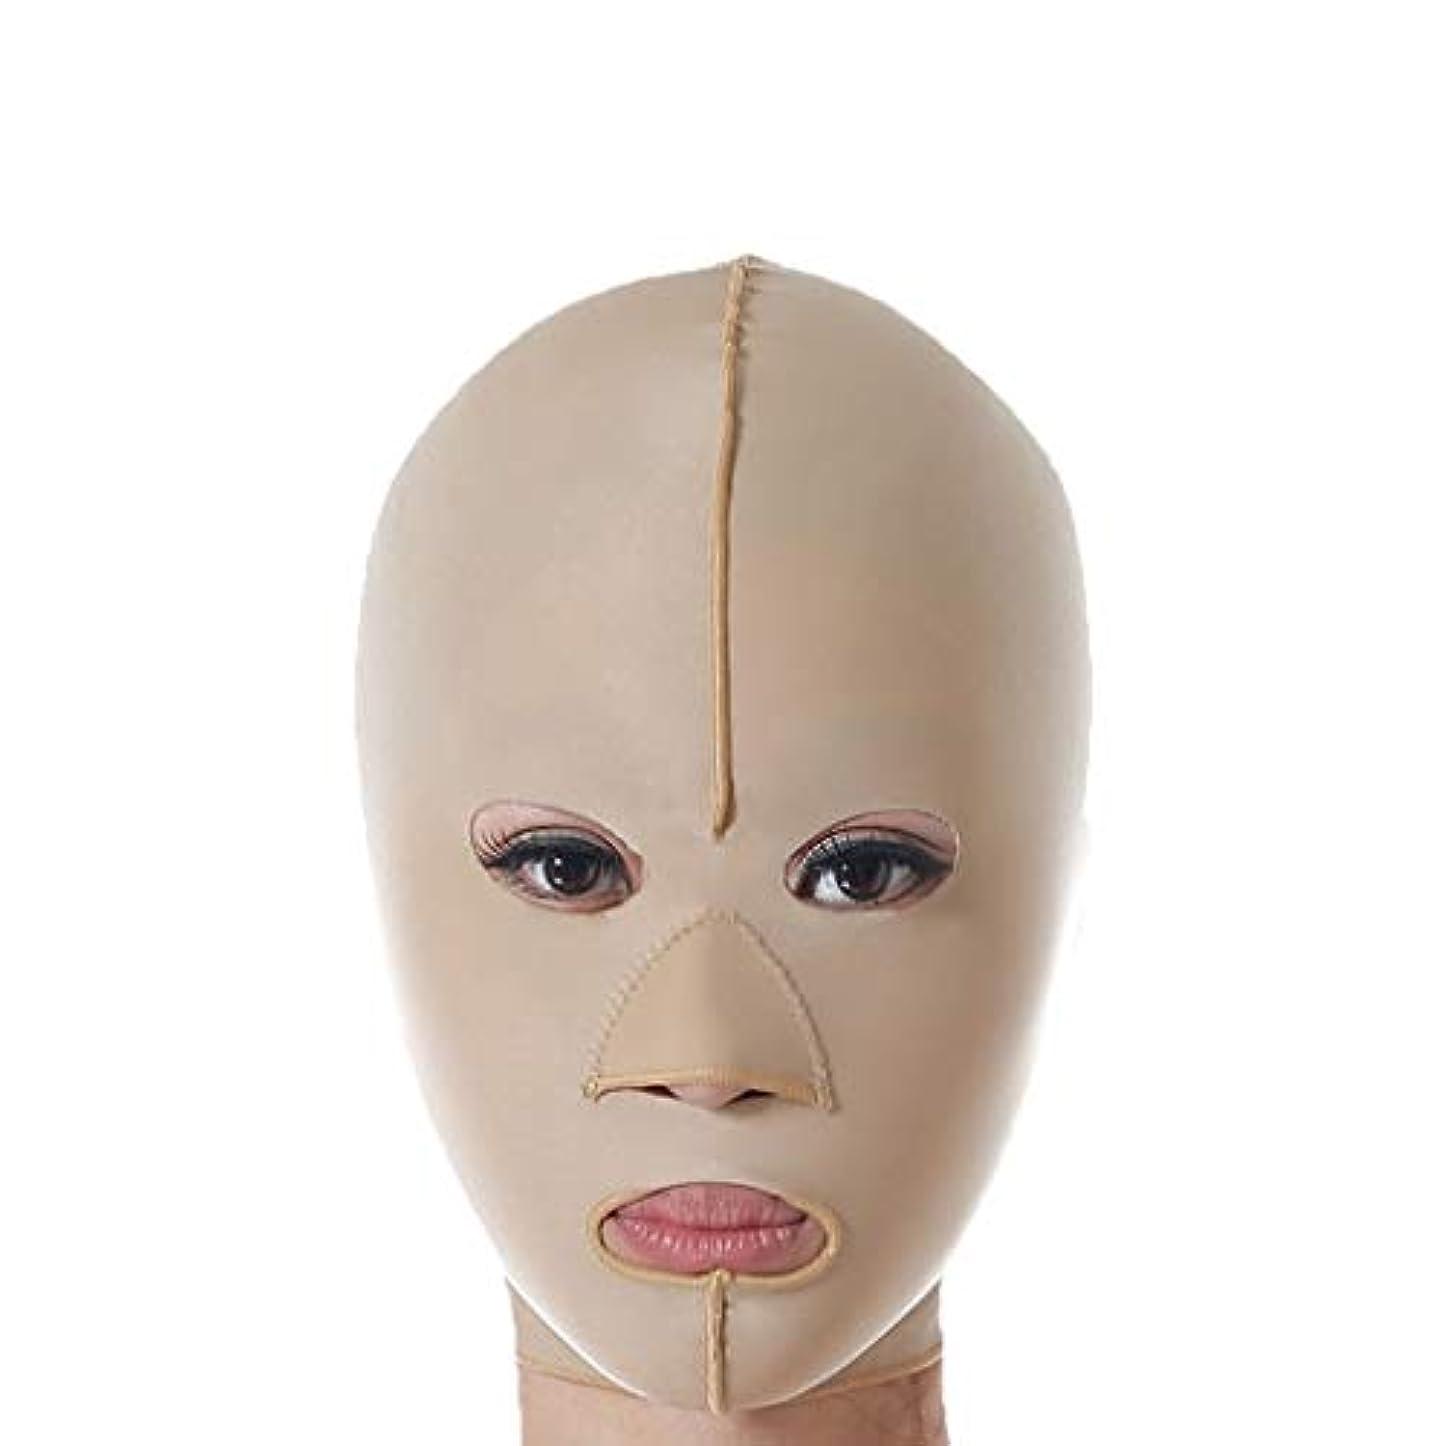 契約する復活するフラグラントXHLMRMJ 減量フェイスマスク、リフティング包帯、スリムフェイスリフトリフティングベルト、フェイシャル減量リフティング包帯 (Size : L)